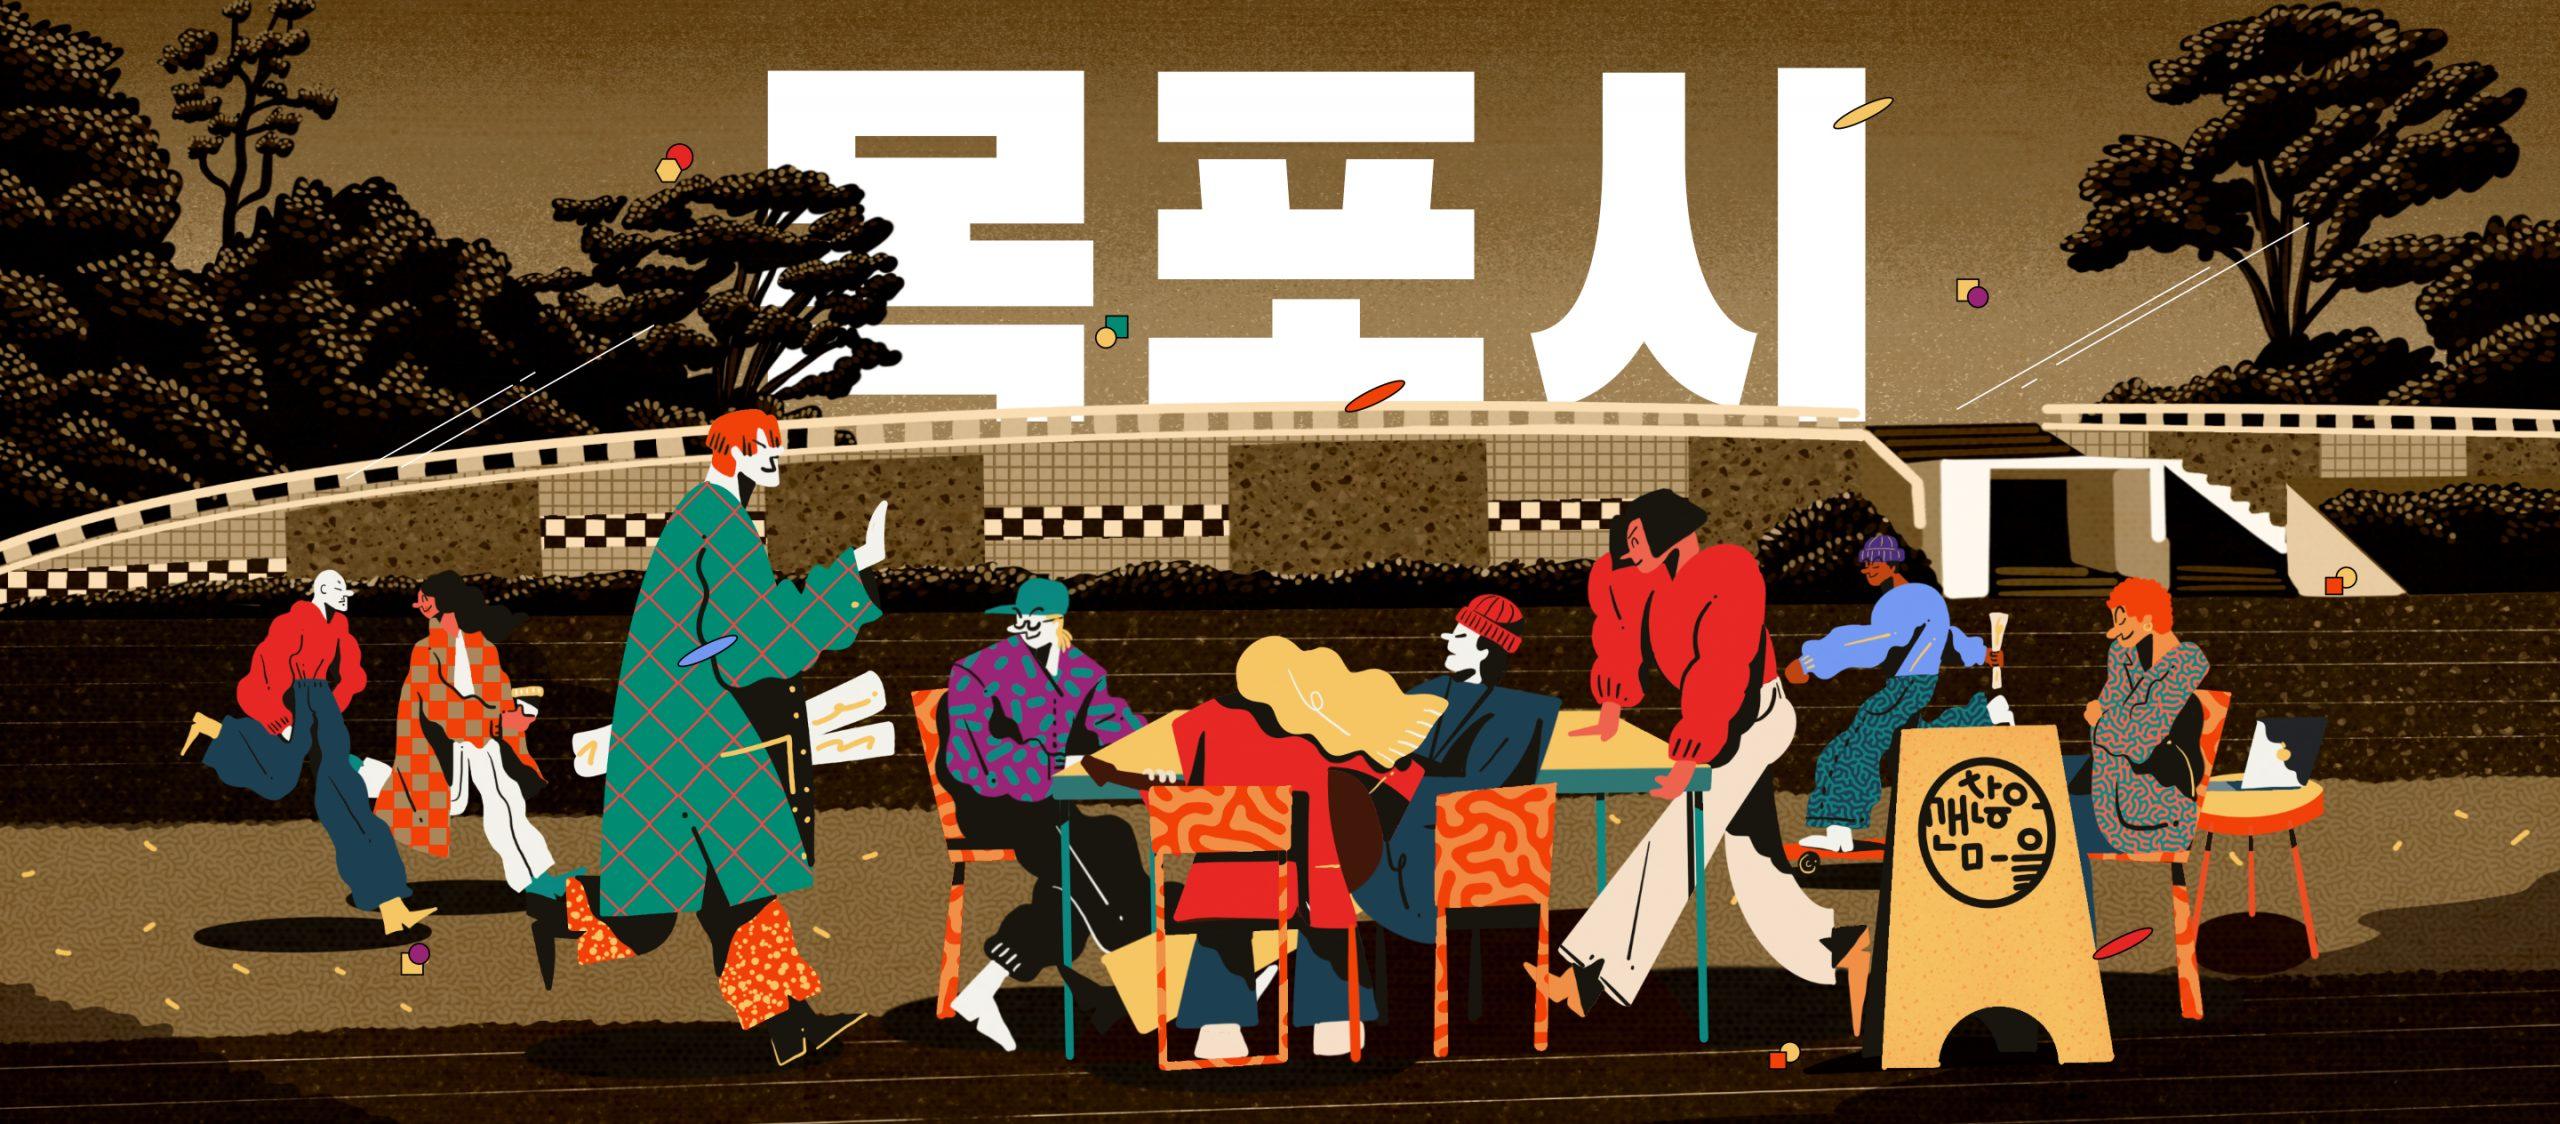 Don't Worry Village เมื่อหนุ่มสาวเกาหลีหนีเครียดมาอยู่เฉยๆ แต่ชุบชีวิตเมืองร้างให้คึกคักเฉยเลย